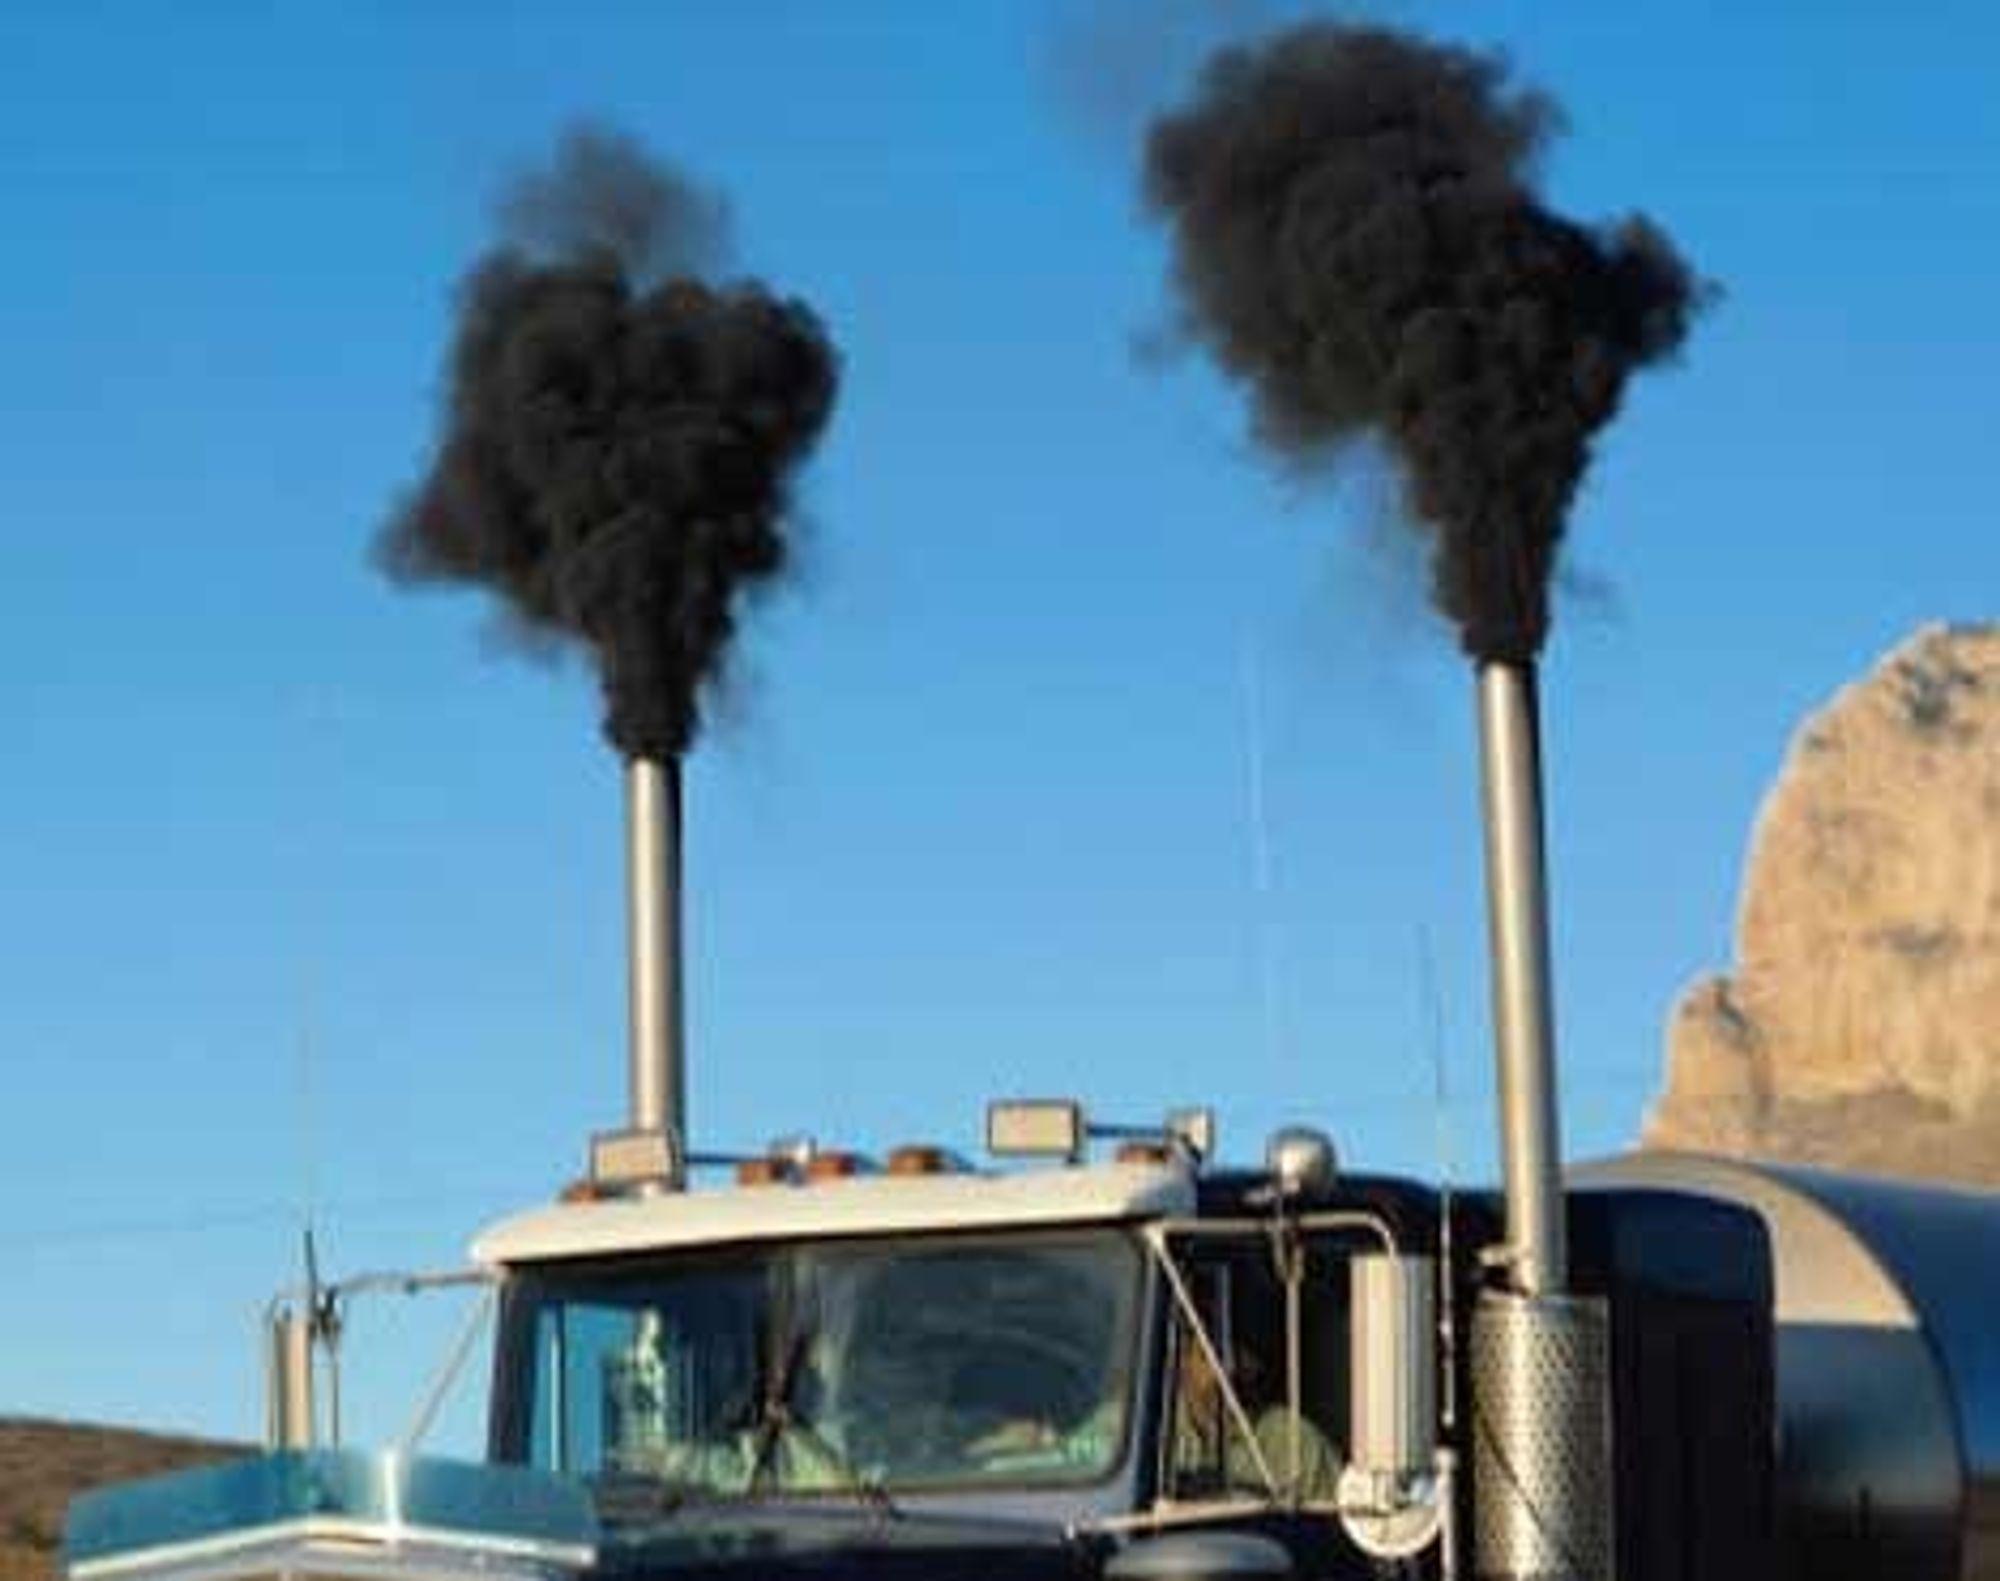 DIESELAVGASS: Det finnes etterhvert mange bevis for at urenset avgass fra dieselmotorer er skadelig for lunger osv.. Nå er det vist at også de ørsmå partiklene som ikke fanges opp selv i partikkelfiltre, kan gi alvorlige lungeskader.